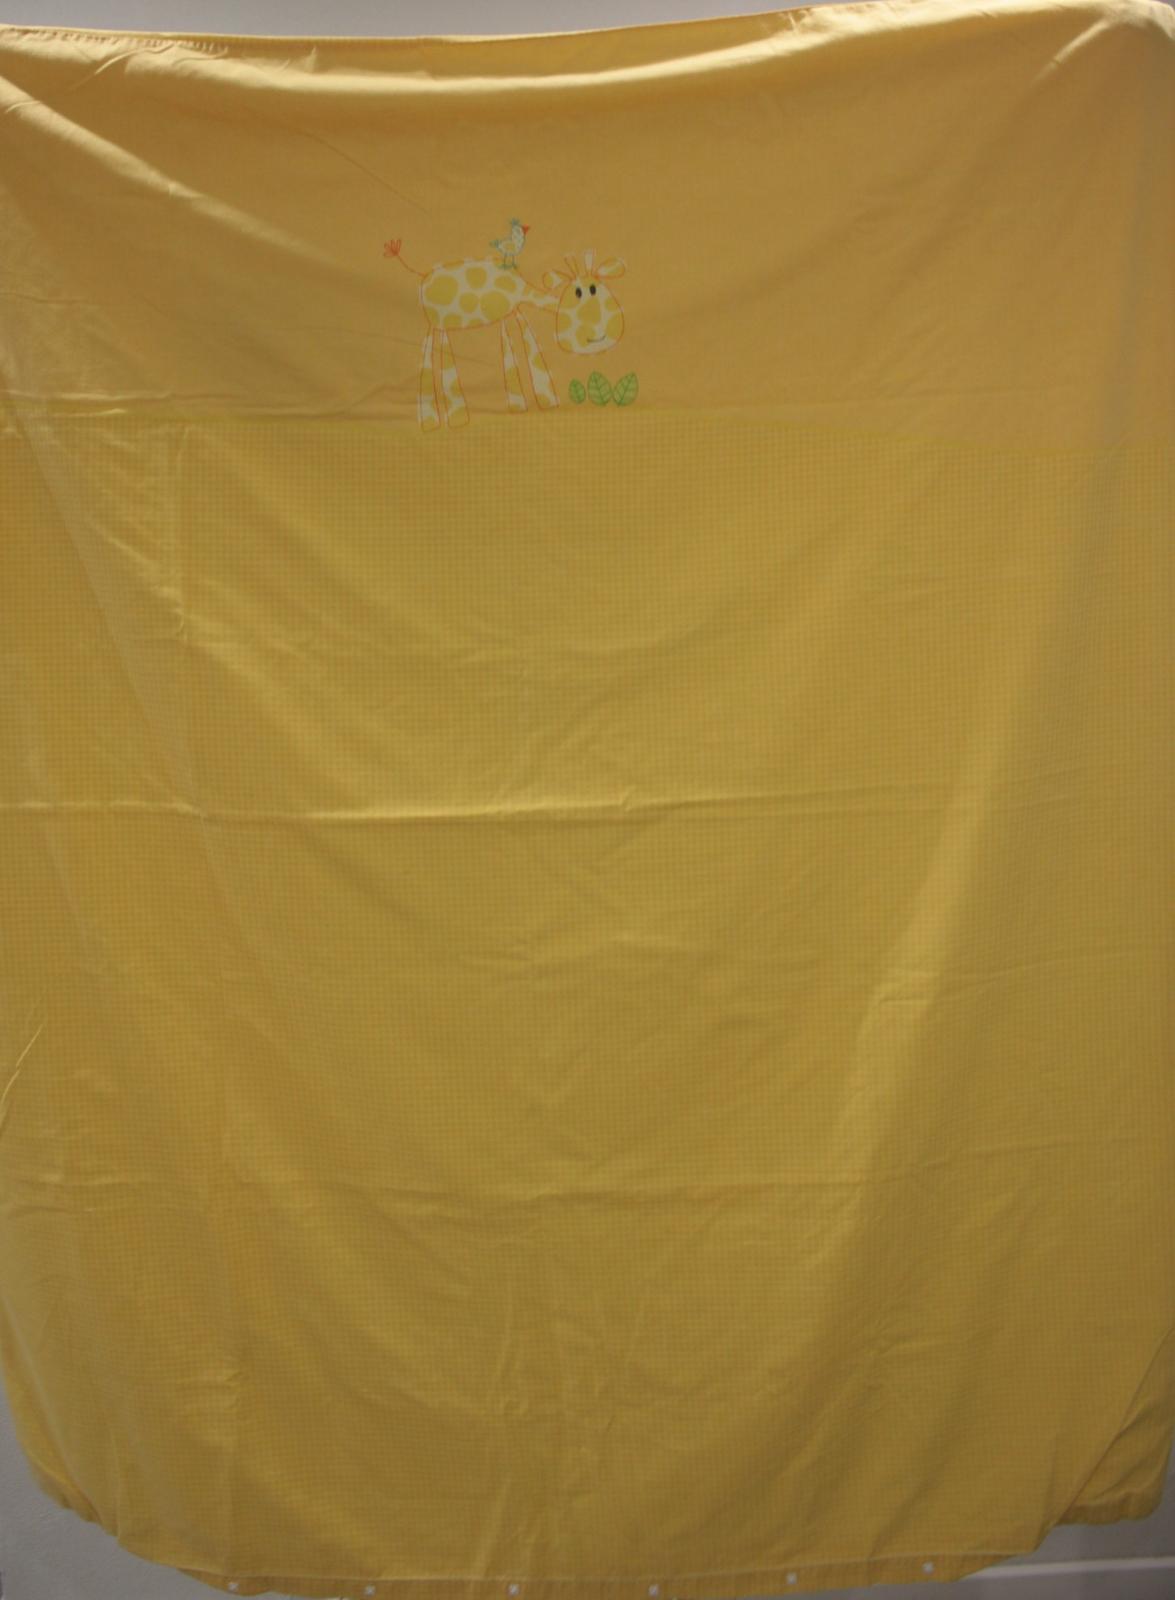 obliecka na detsky perinku 142x117cm  - Obrázok č. 1